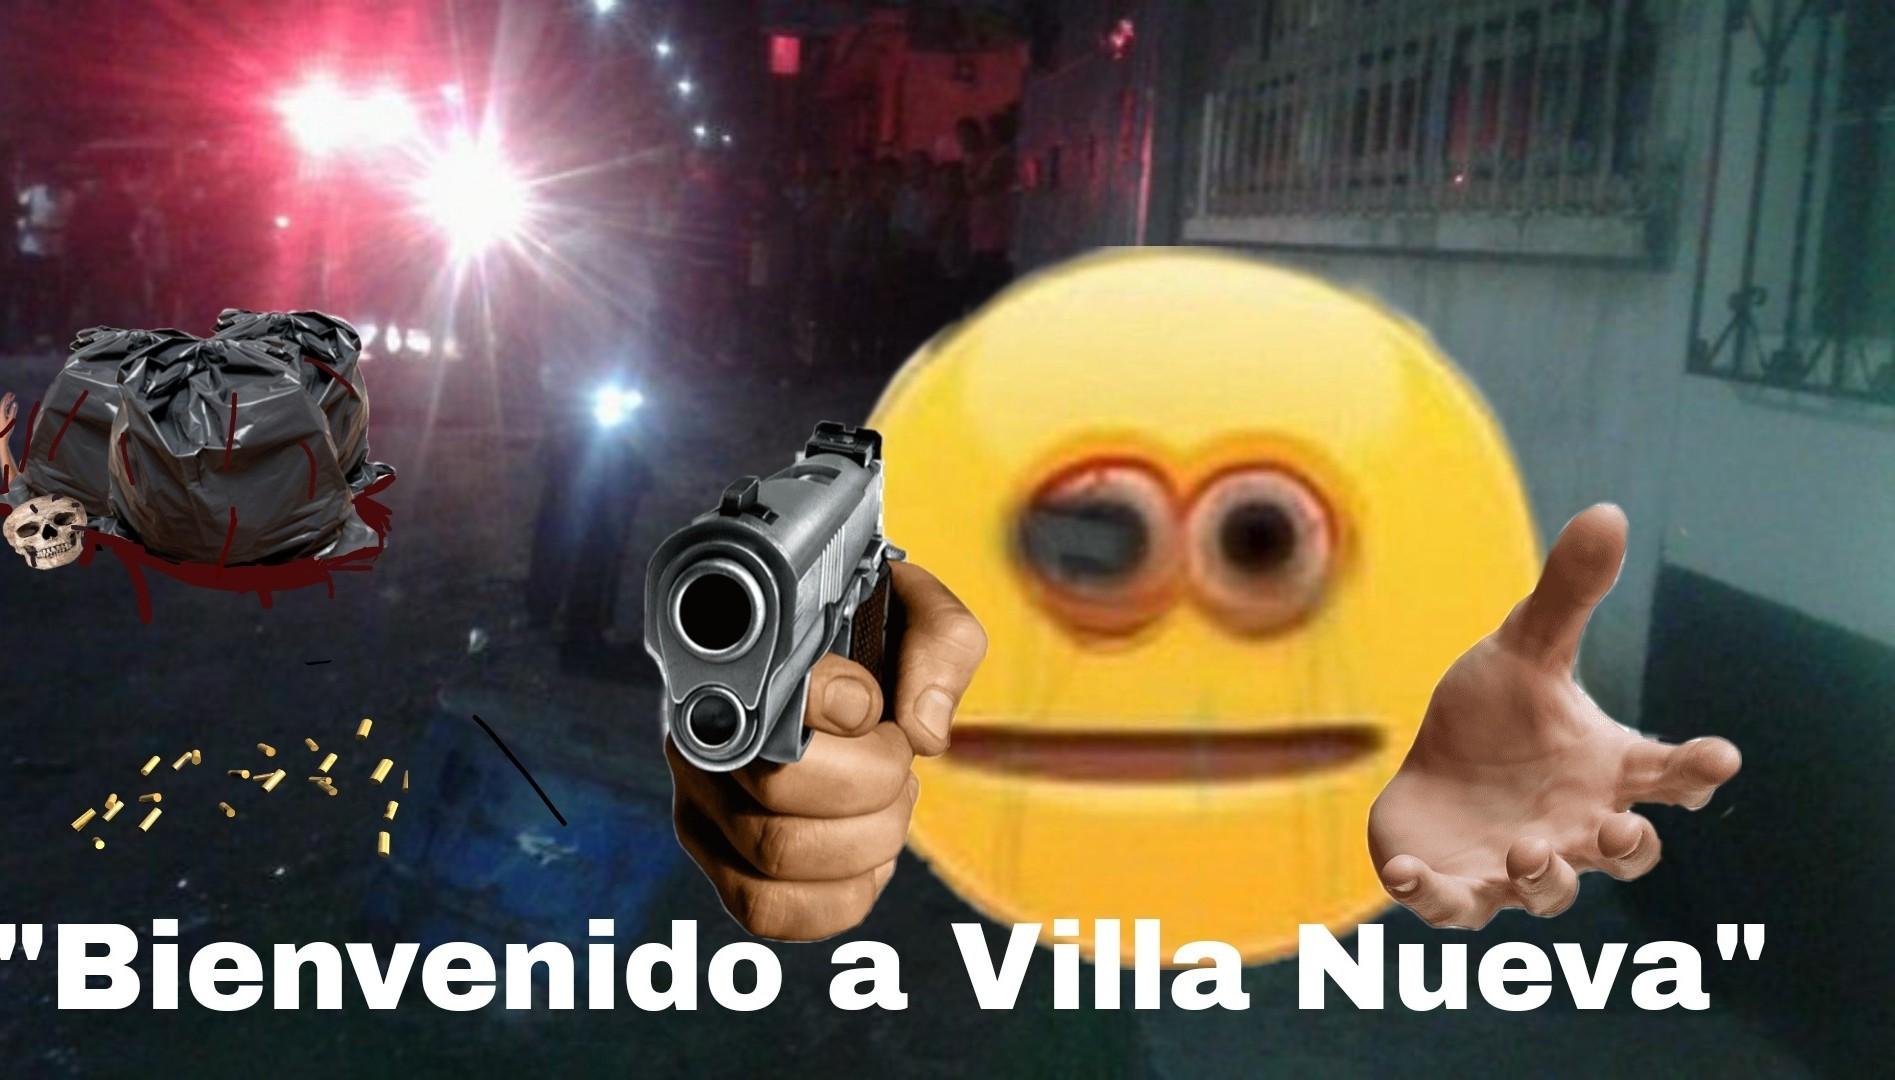 Contexto:en guatemala hay una ciudad llamada villa nueva en dónde nomás entrar te roban de pies a cabeza y de encuentran pandillas y hay varios asesinatos - meme